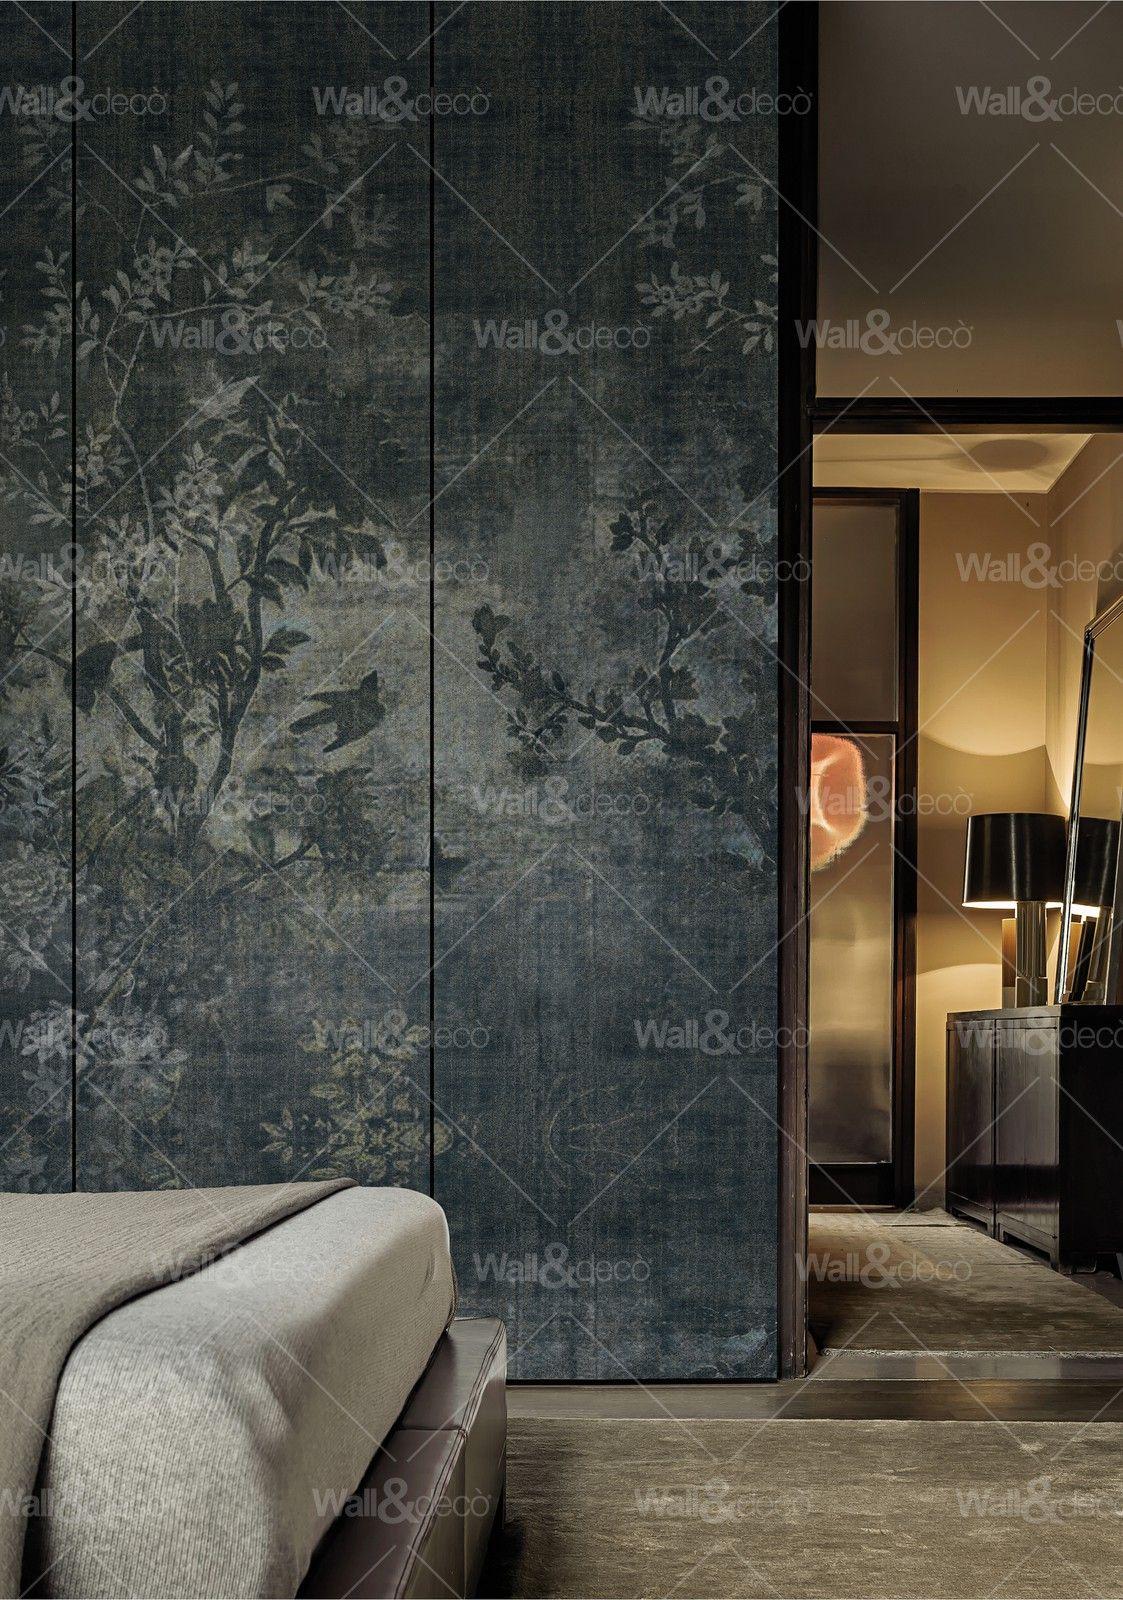 Wall&decò Midsummer Night in 2020 Interior decoration